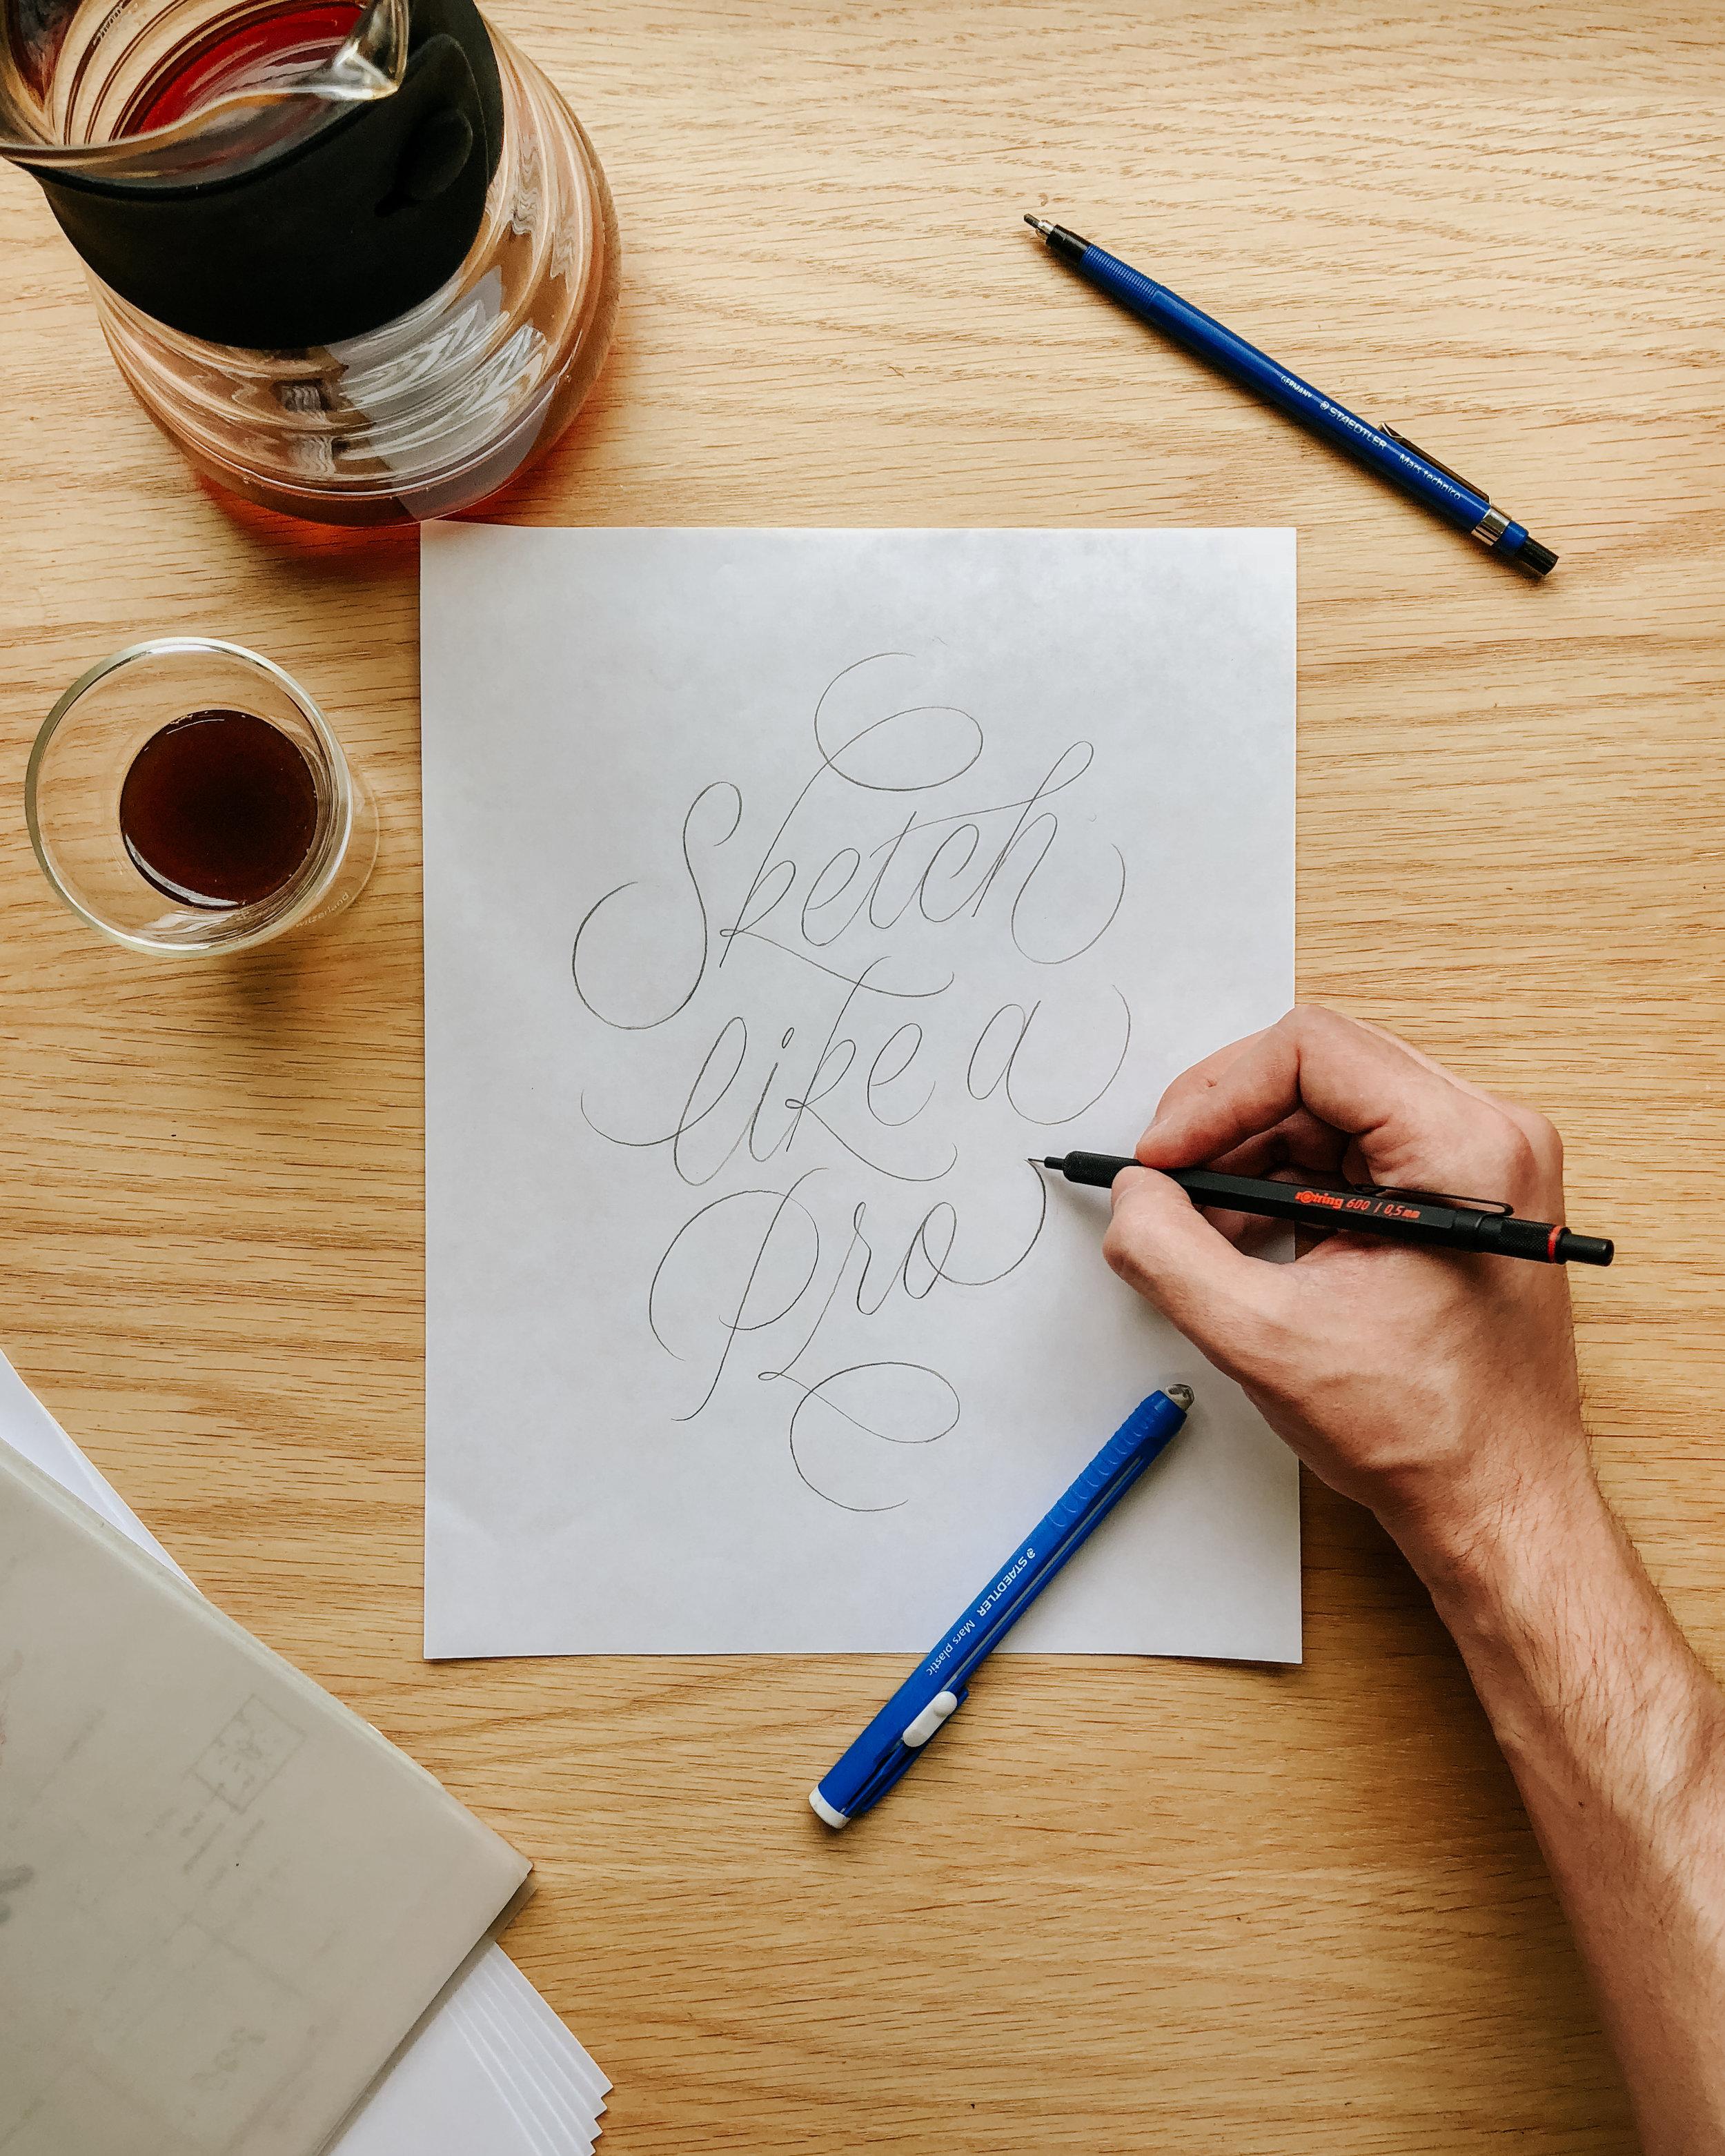 MEDIANTE EJERCICIOS - Lograrás paso a paso a partir del lápiz:· Adiestrar tu técnica y dominar los trazos básicos de la caligrafía· Plasmar tus ideas en un boceto detallado y profesional· Aprender a manejar las curvas Bézier para vectorizar tu diseño